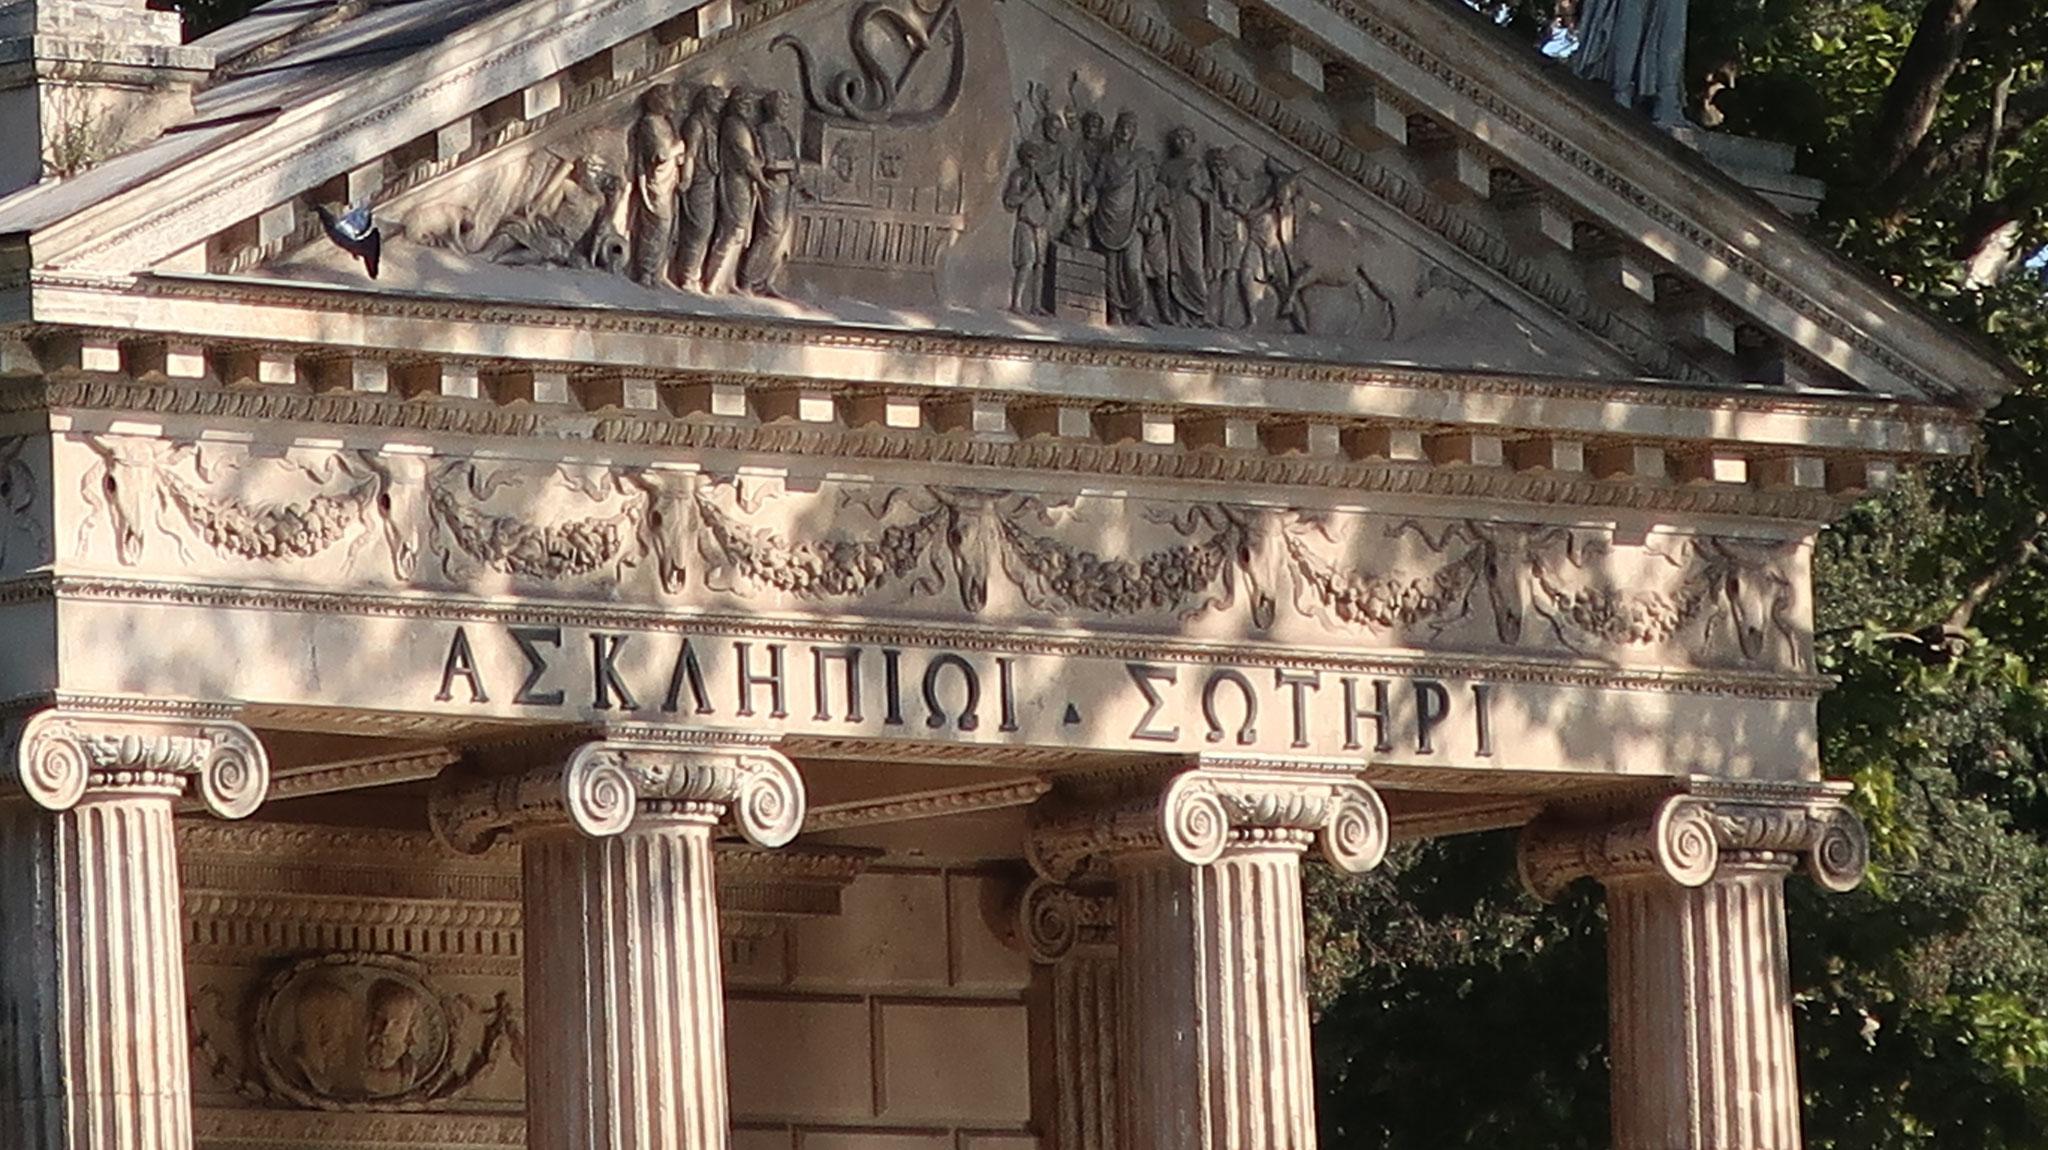 神殿の上部には、2200年以上前、エピダウロスからローマに招聘され、蛇に姿を変えたアスクレピオス神が、今まさにティベリーナ島に上陸する場面の浮彫があります。